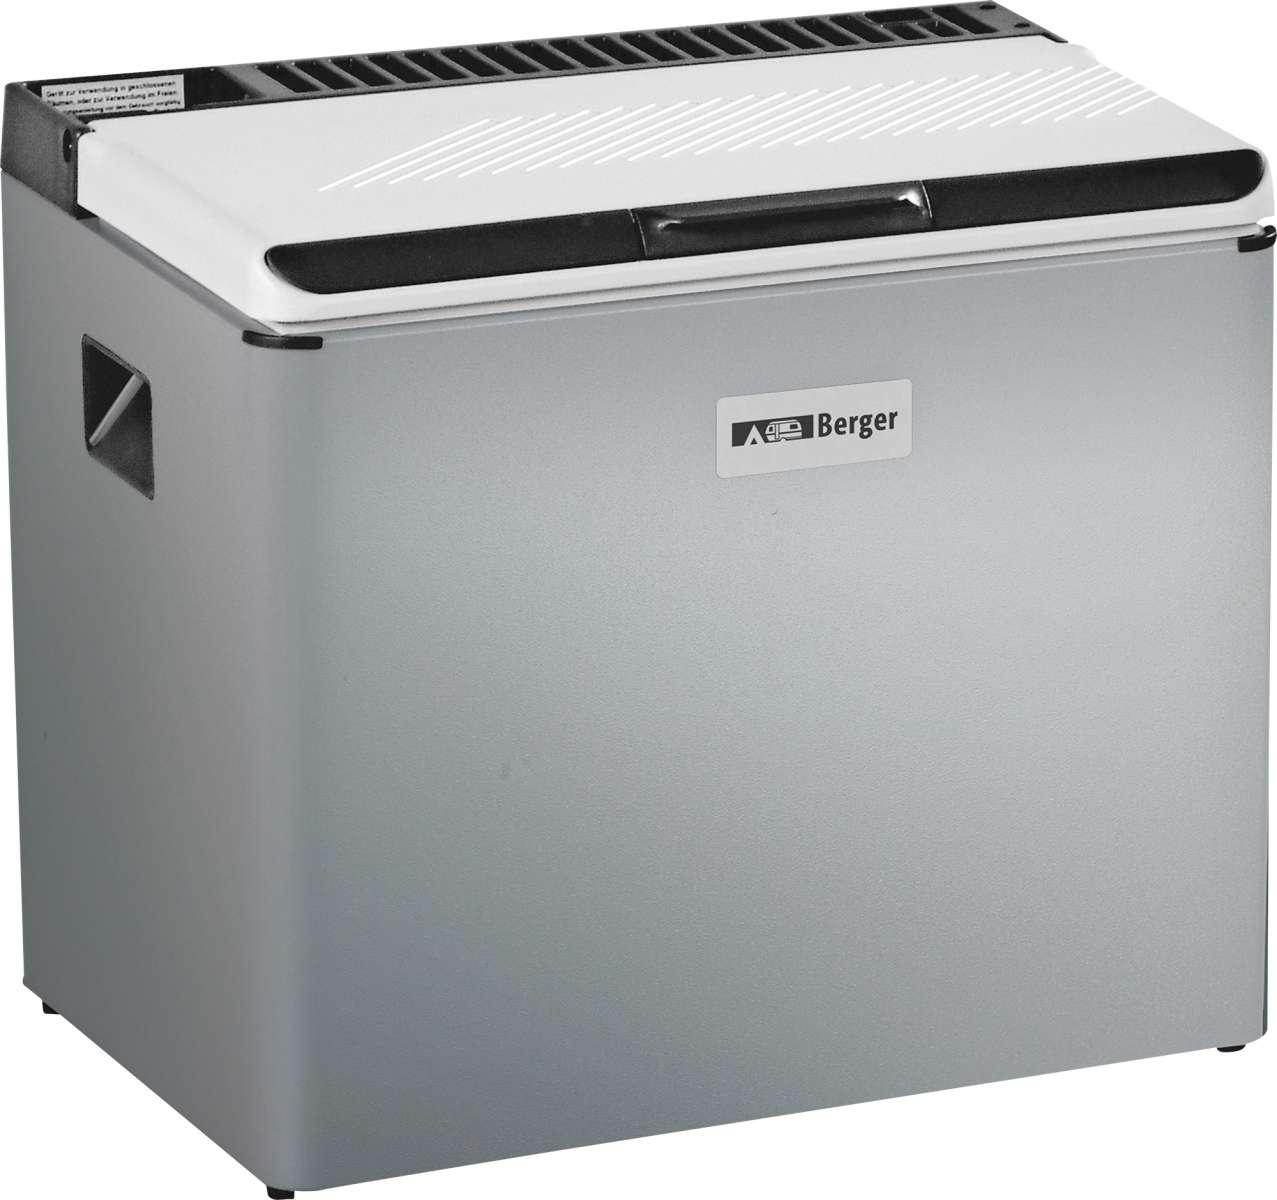 Berger Kühlbox RC1600GC mit Gaskartusche | 04036231060007